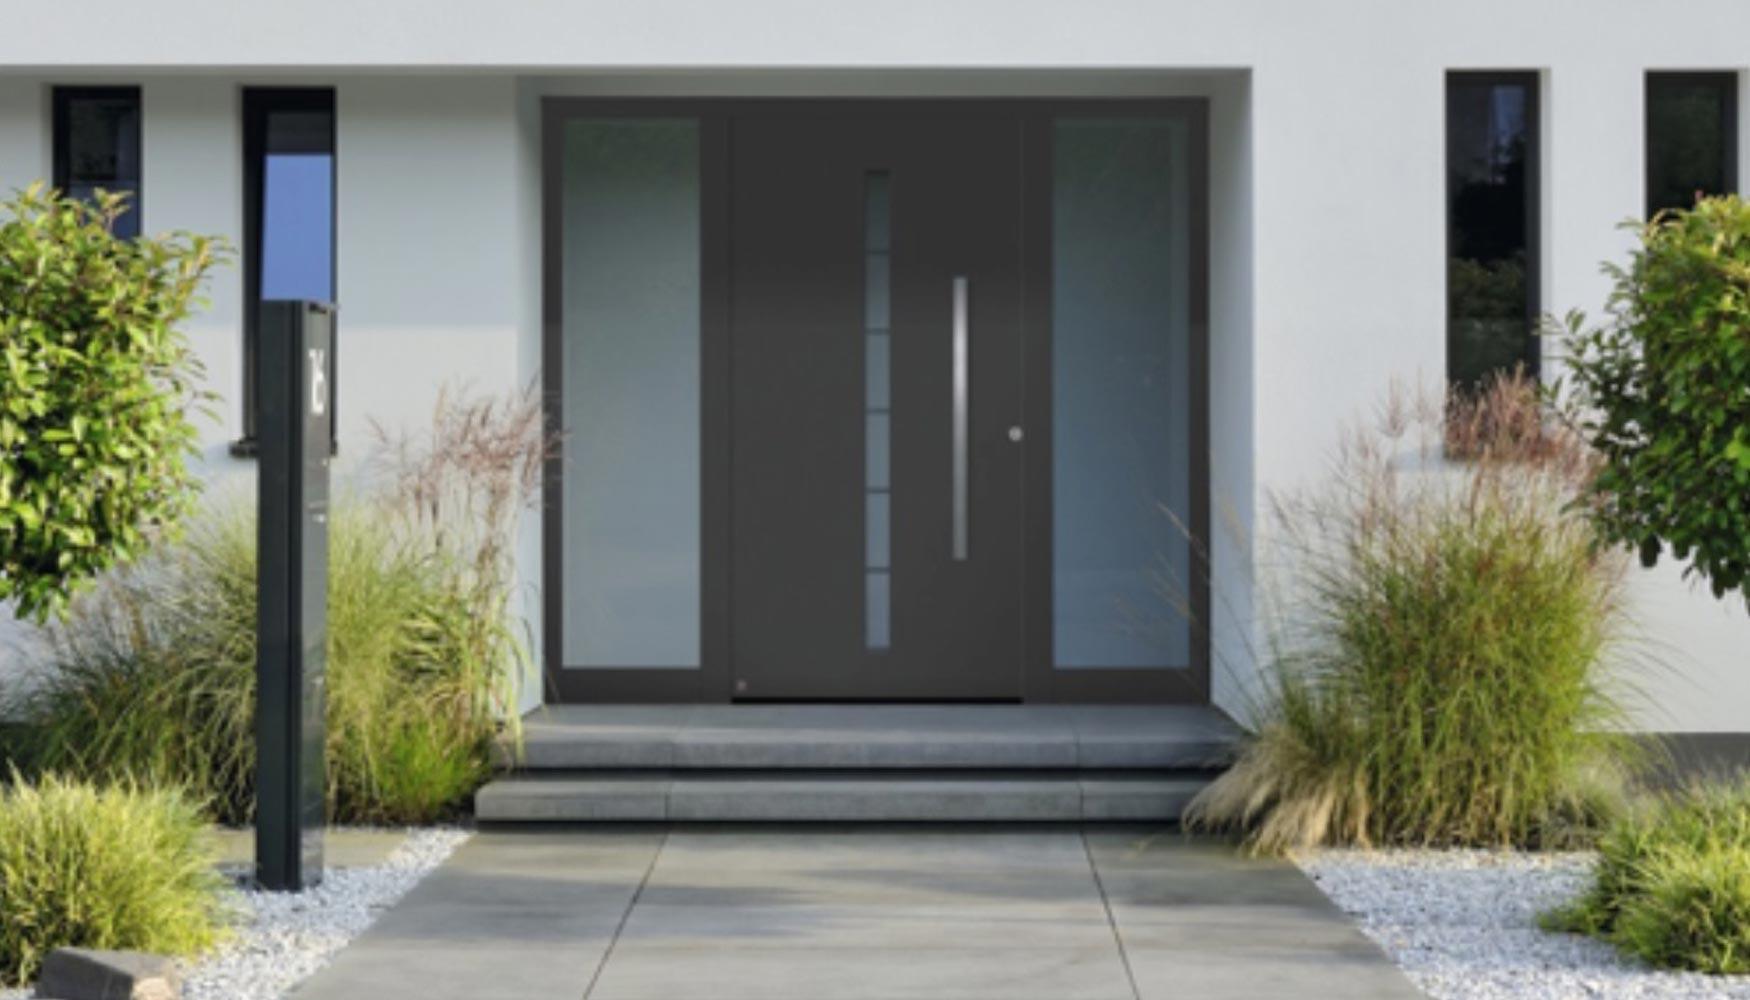 H rmann lanza una promoci n para puertas de entrada for Modelos de puertas de ingreso